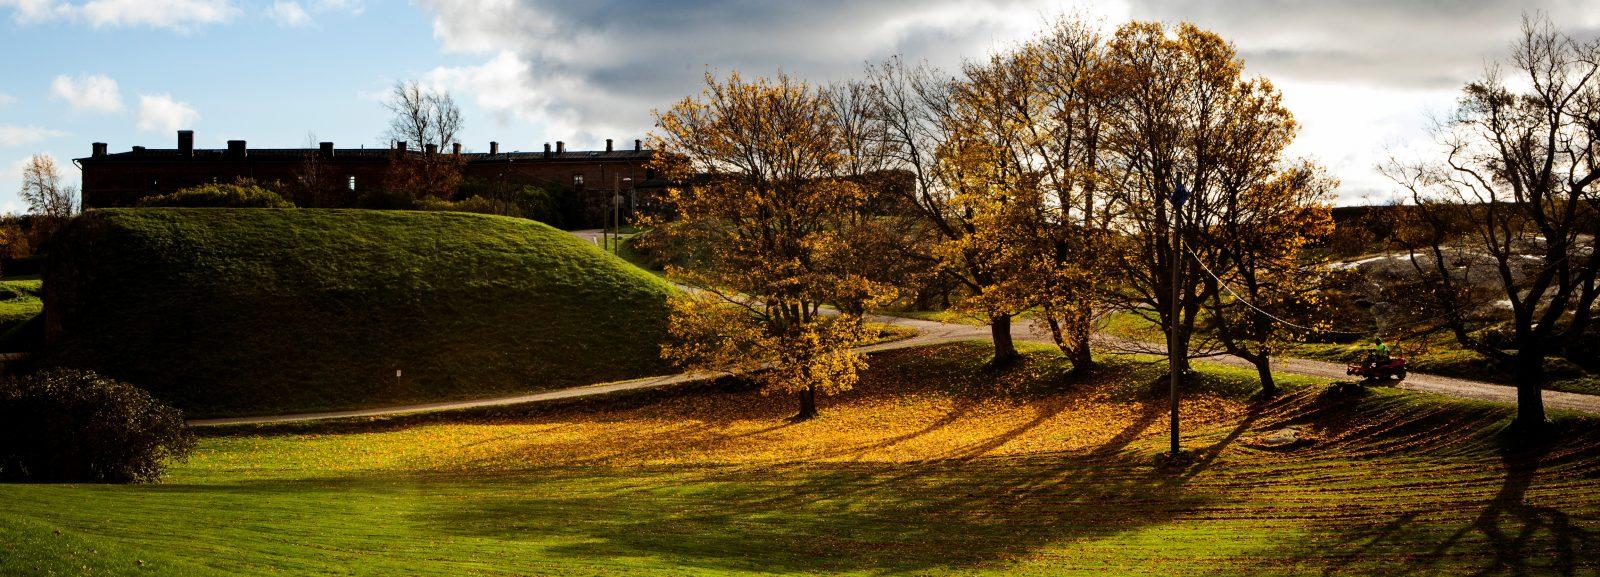 Syksyinen Suomenlinna, jossa näyy vihreä nurmikenttä ja värikkäät syksyiset puidenlehdet